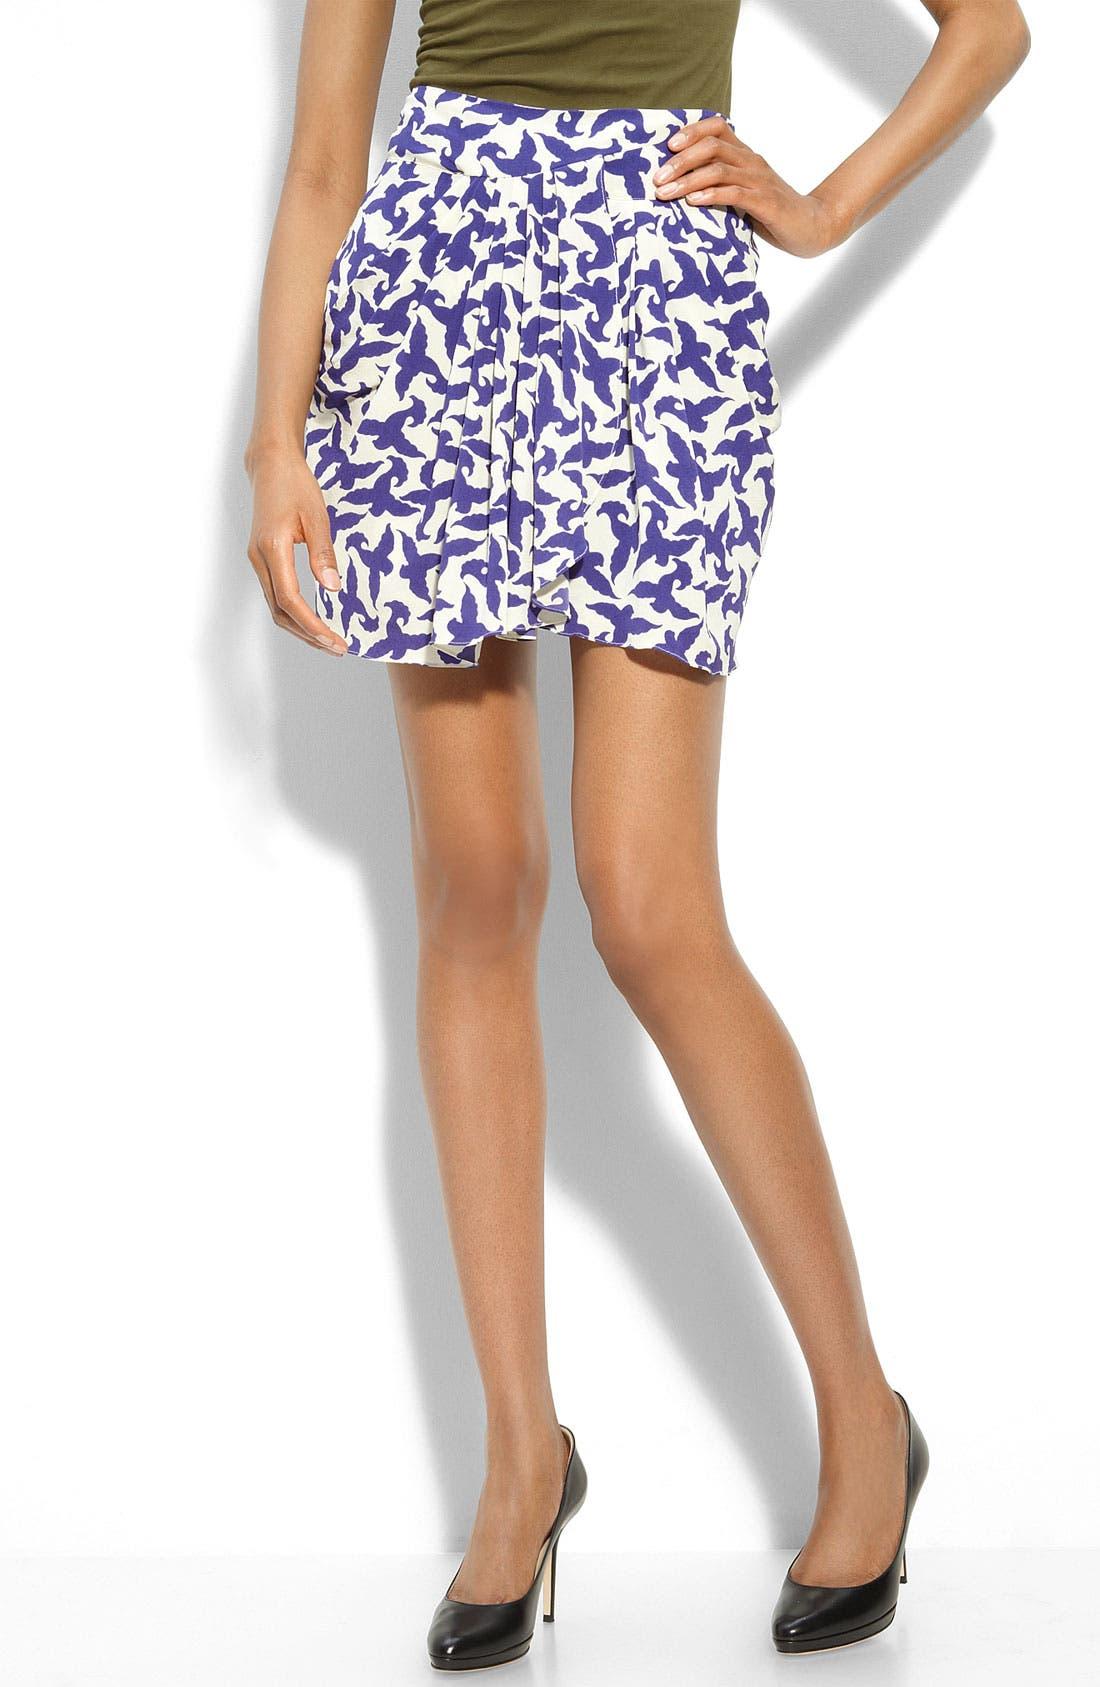 Alternate Image 1 Selected - Leifsdottir 'Aviary' Skirt